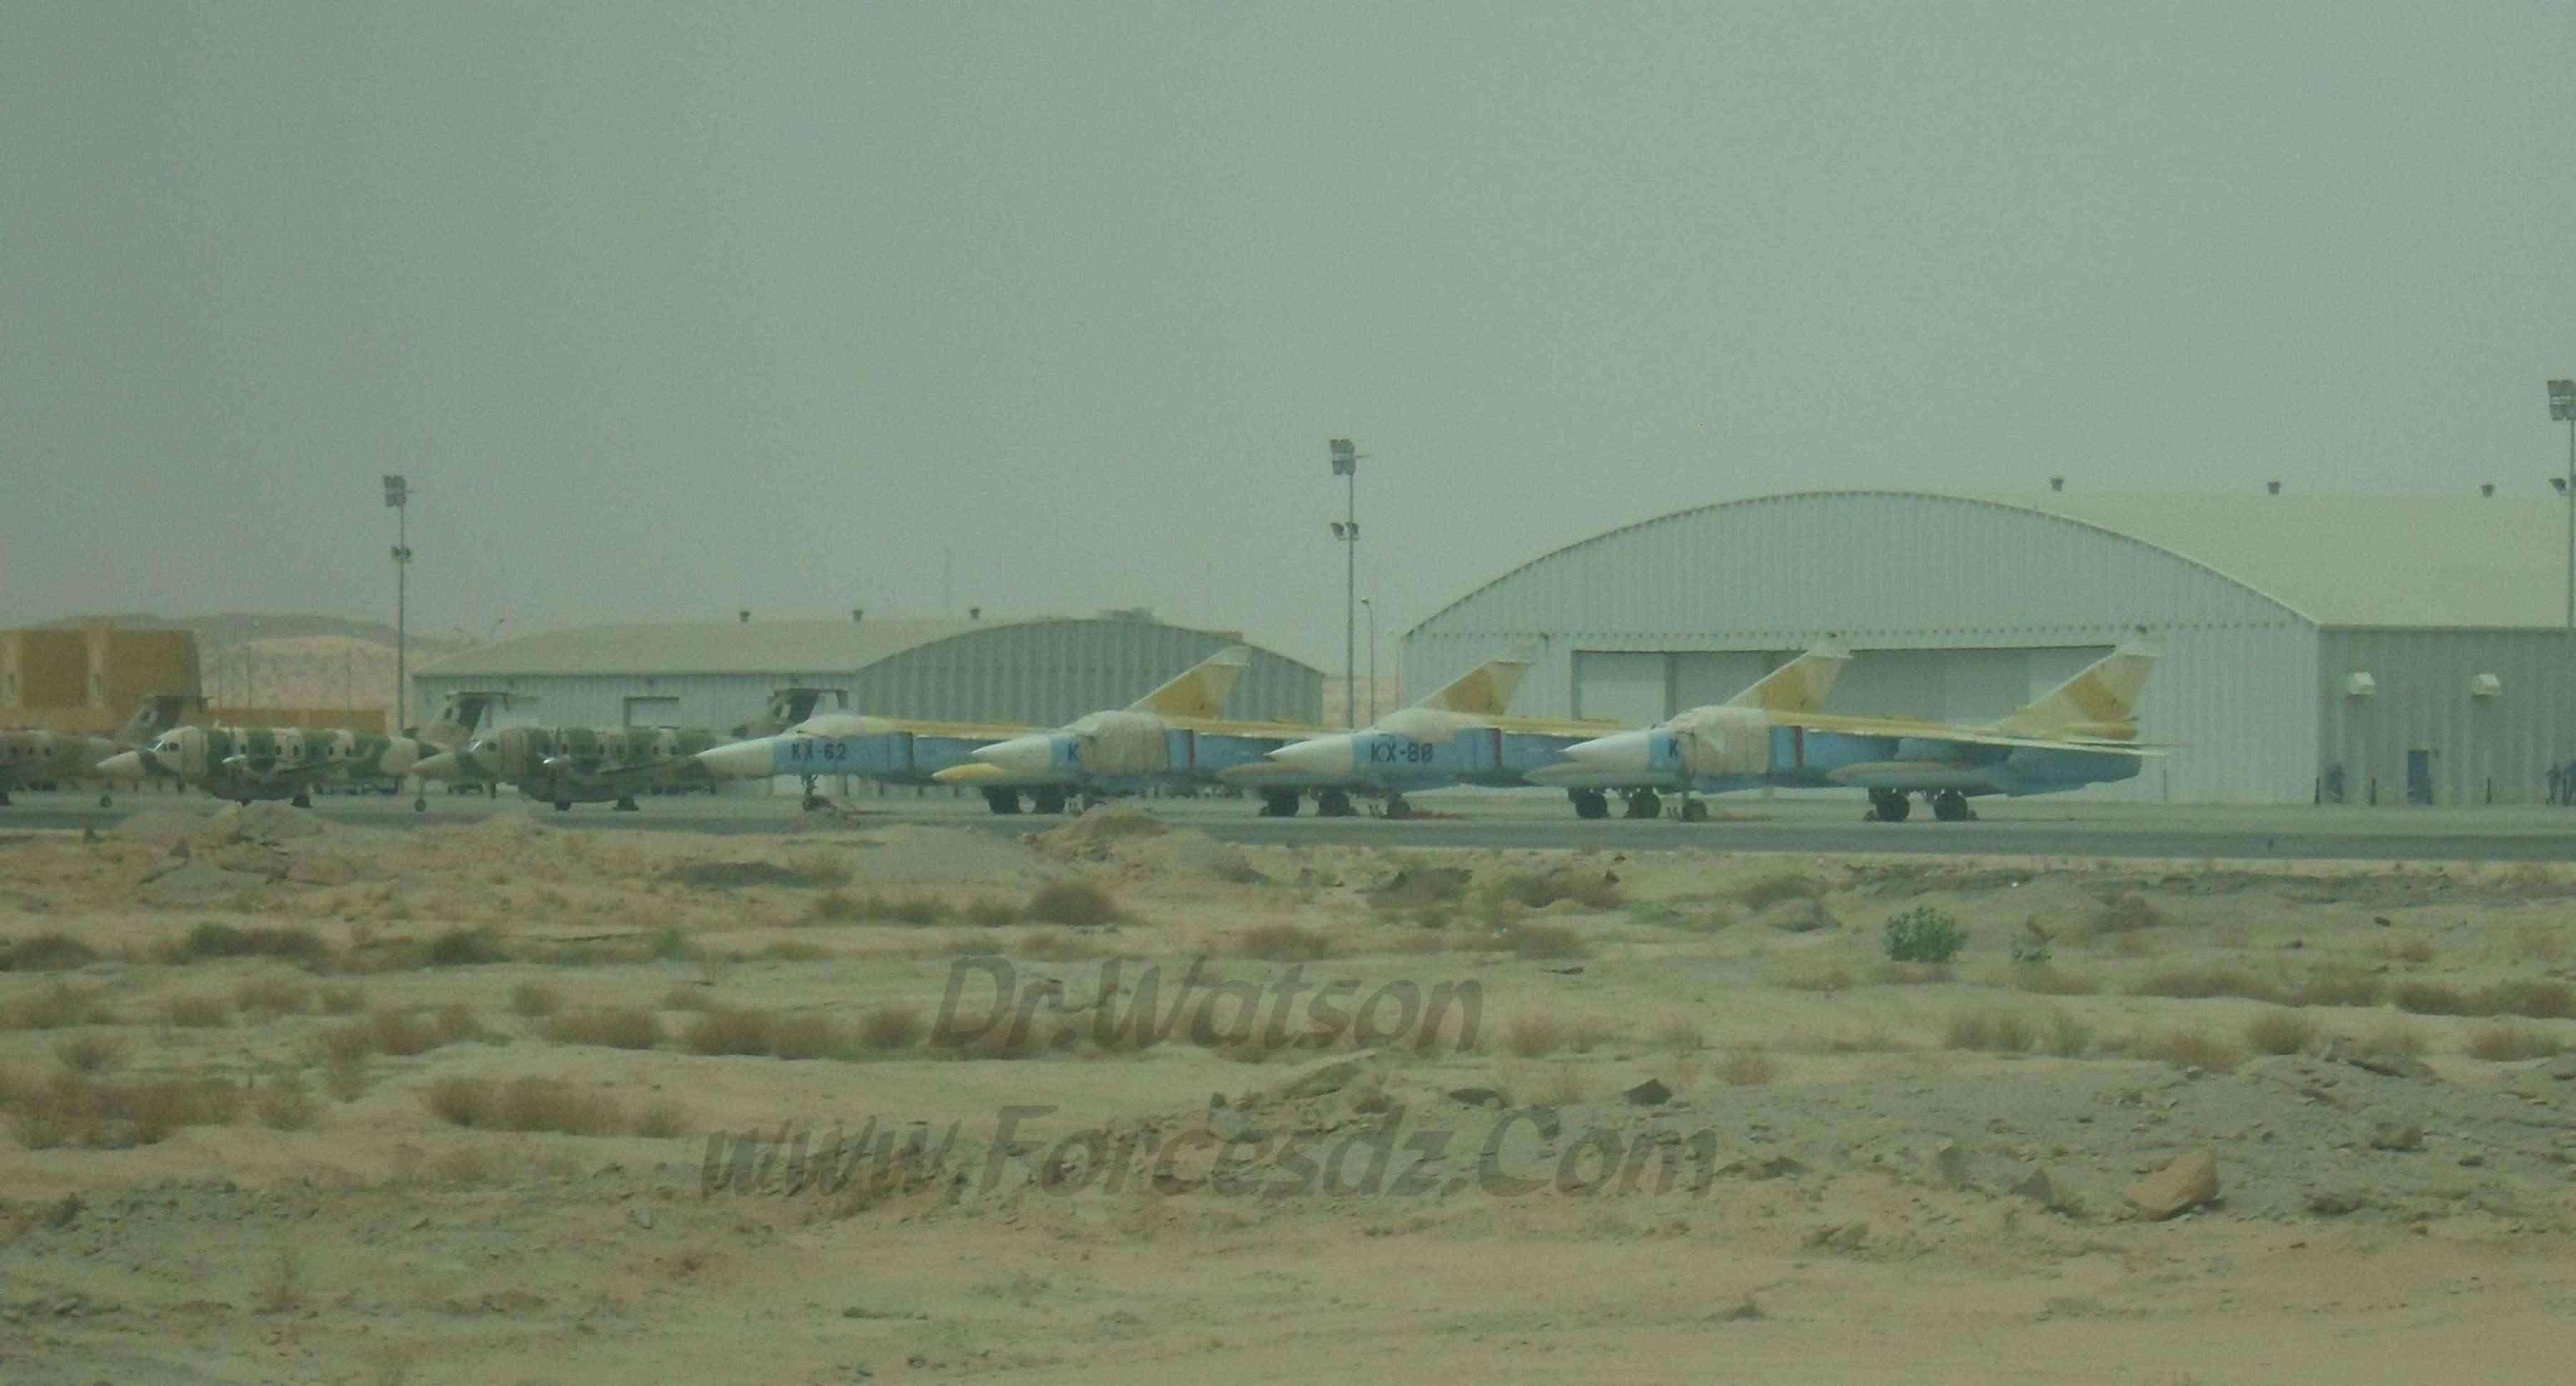 تقارير استخبارية اسرائيلية تحذر من خطورة الجيش الجزائري - صفحة 9 Sam_3413